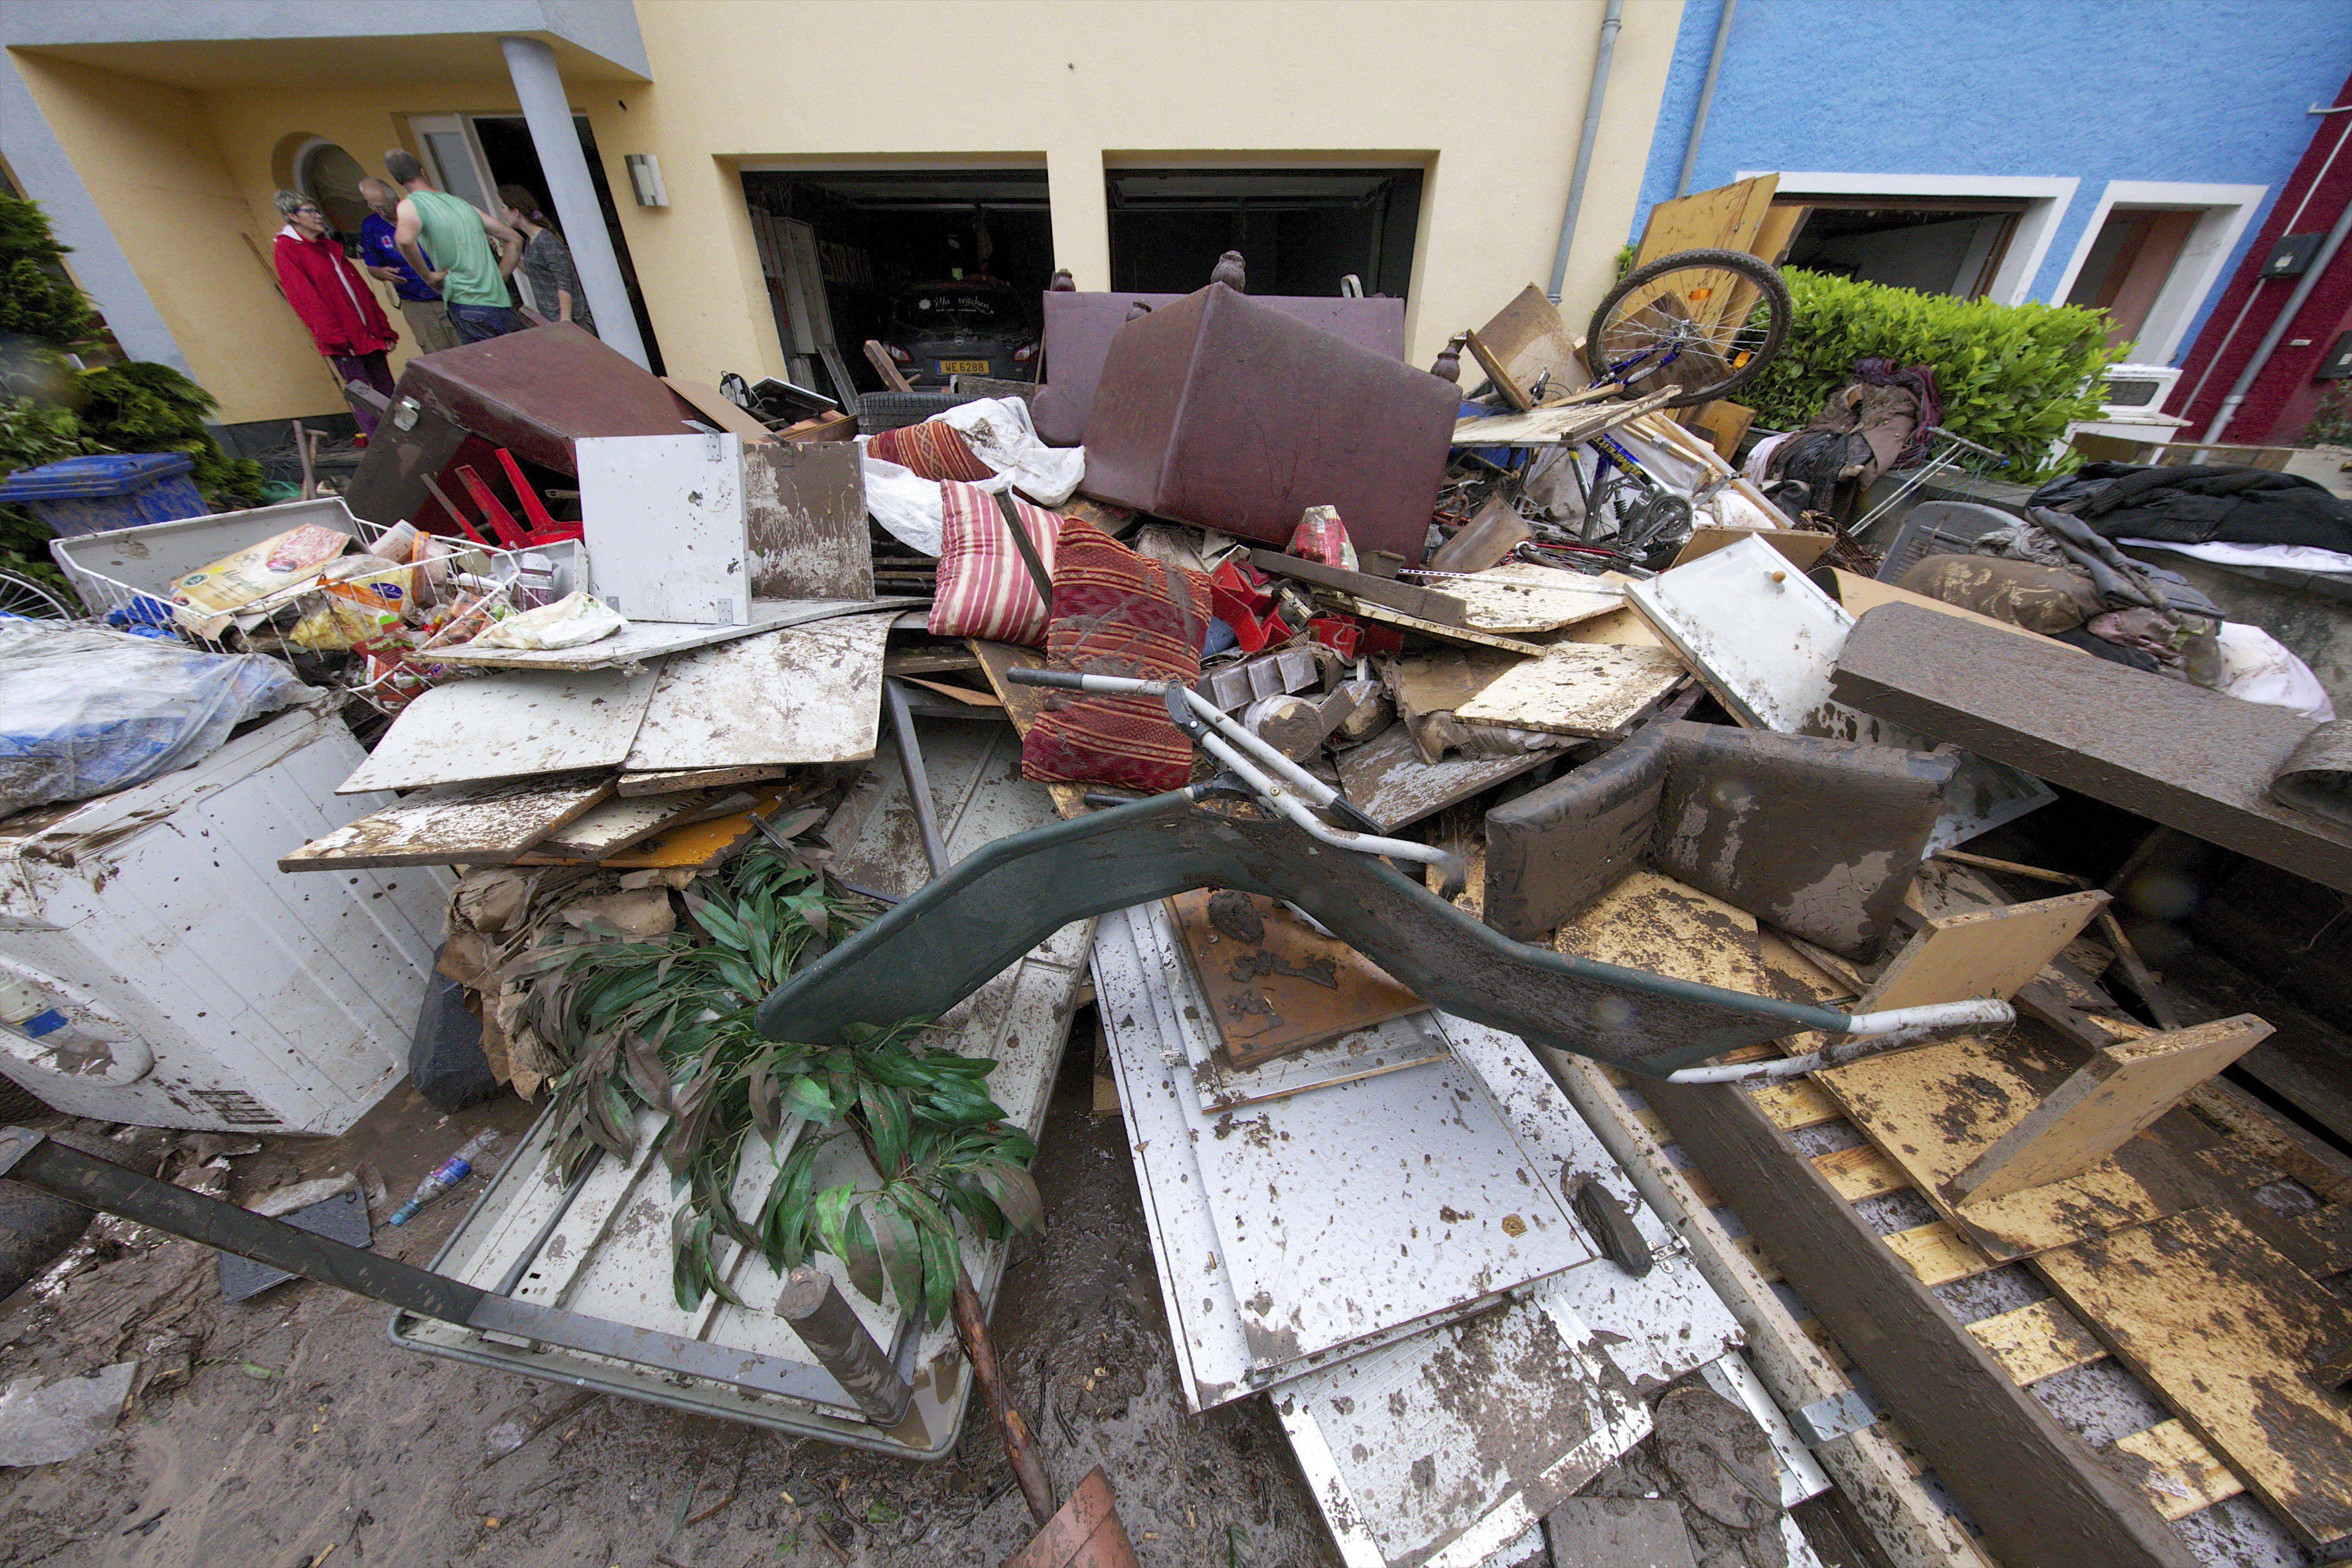 Les dégâts matériels sont nombreux, mais les assurances ne les prendront pas en charge. Et pour l'État, ce sera au cas par cas. (Photo : Editpress)